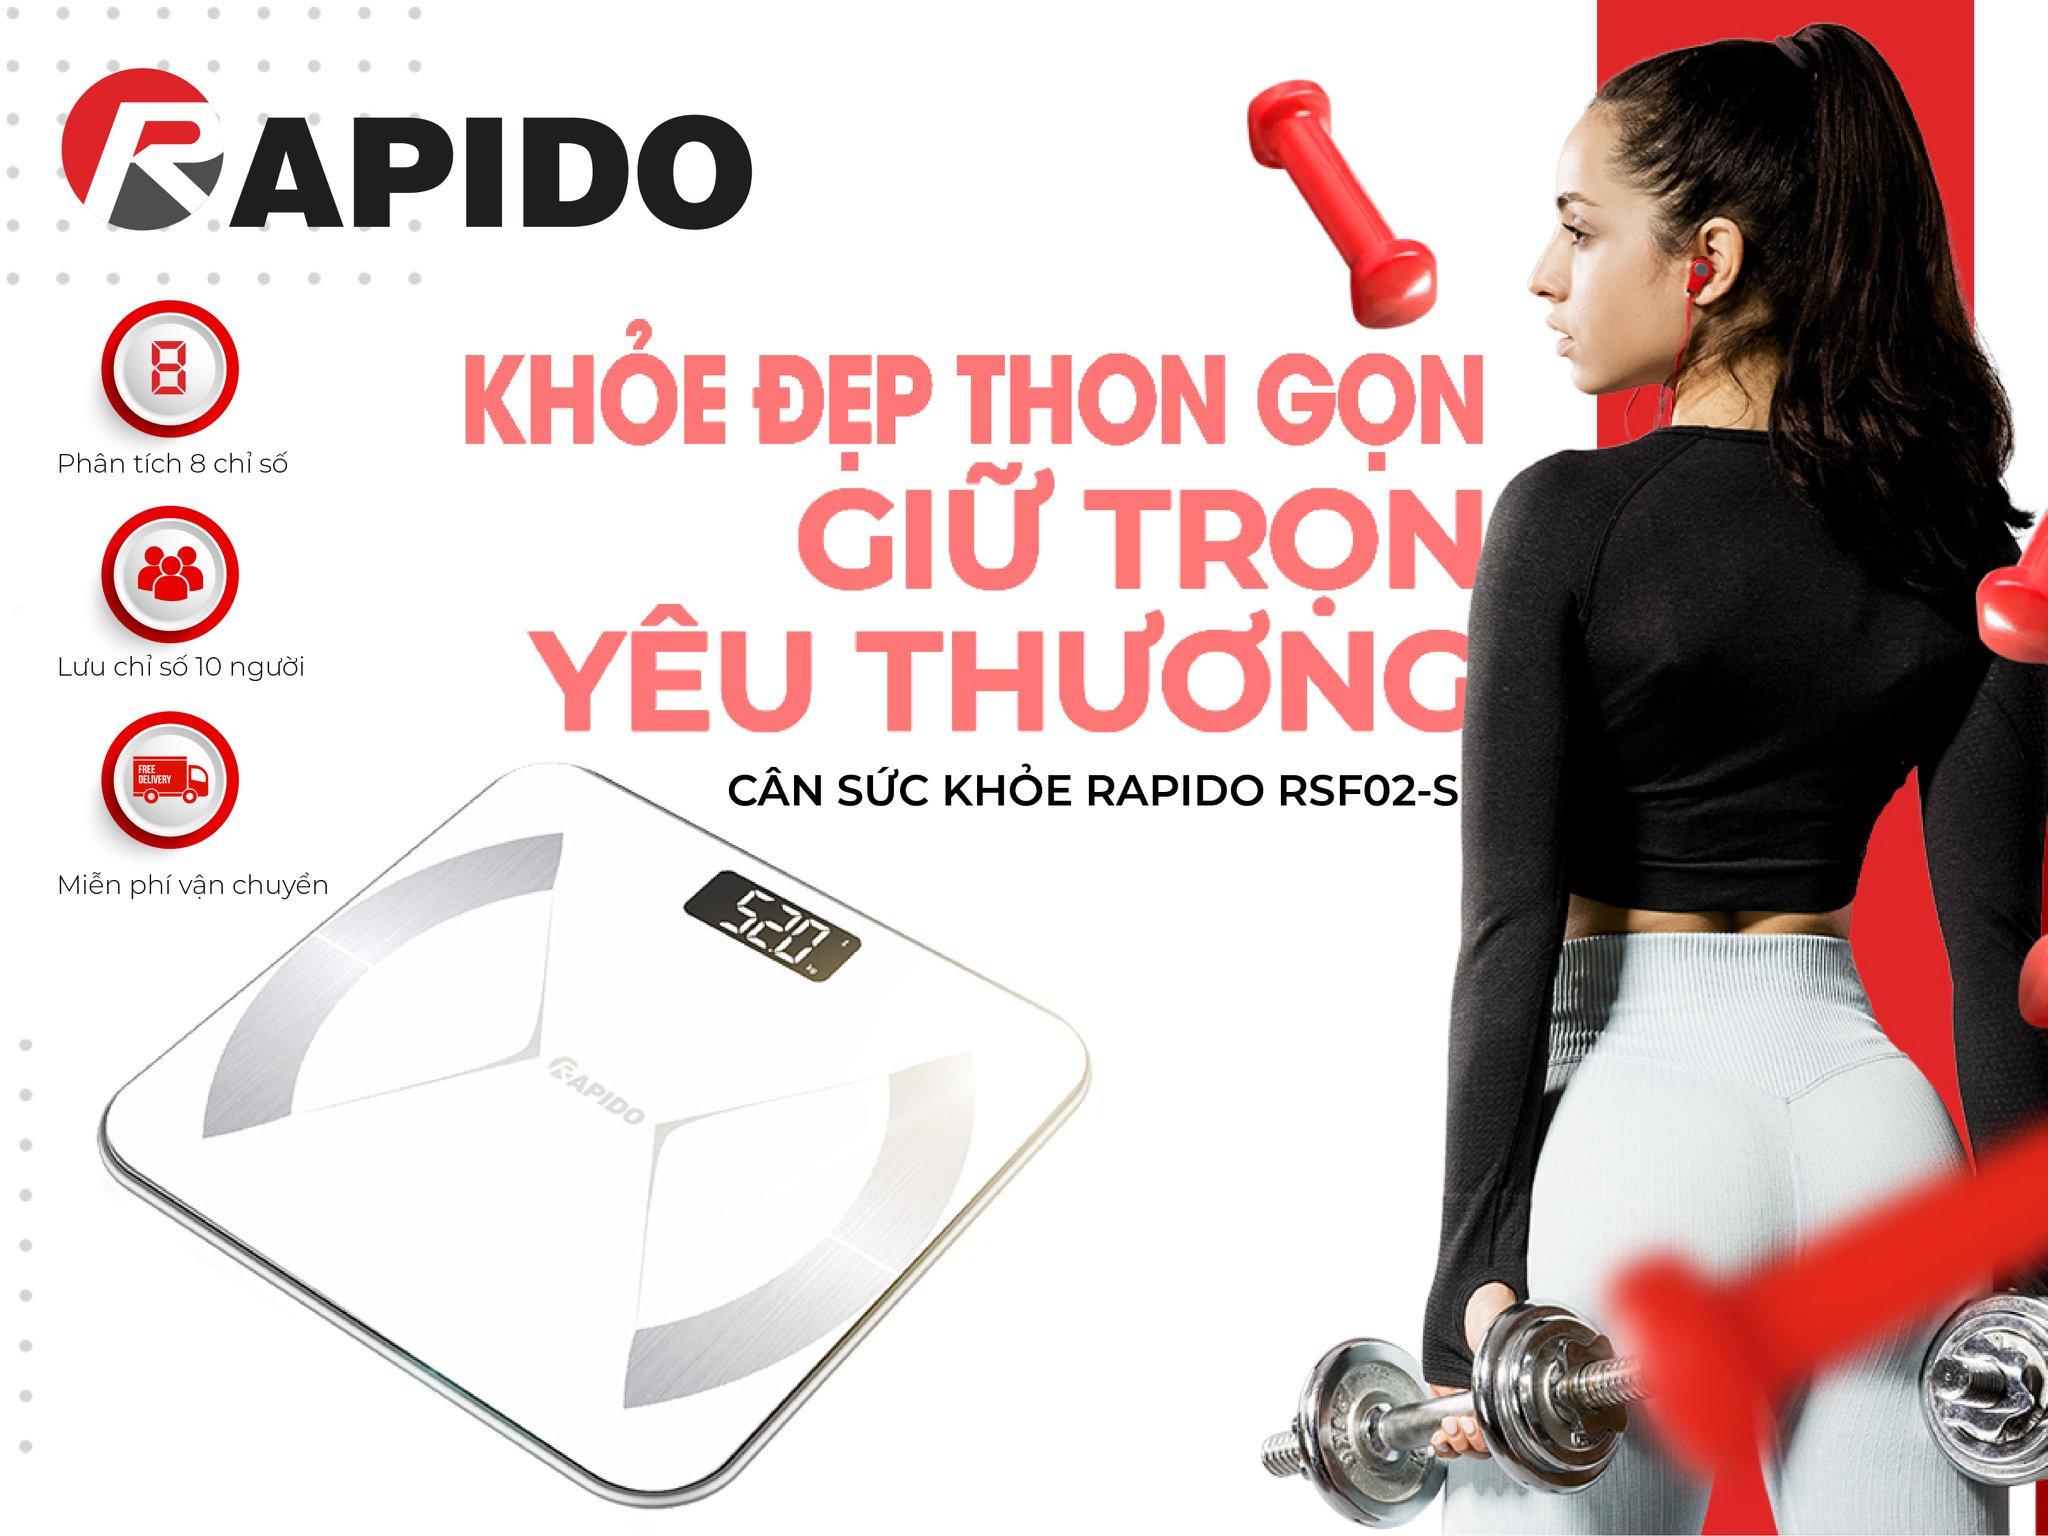 Cân thông minh Rapido – Cho cuộc sống khỏe mạnh dài lâu - Rapido.vn